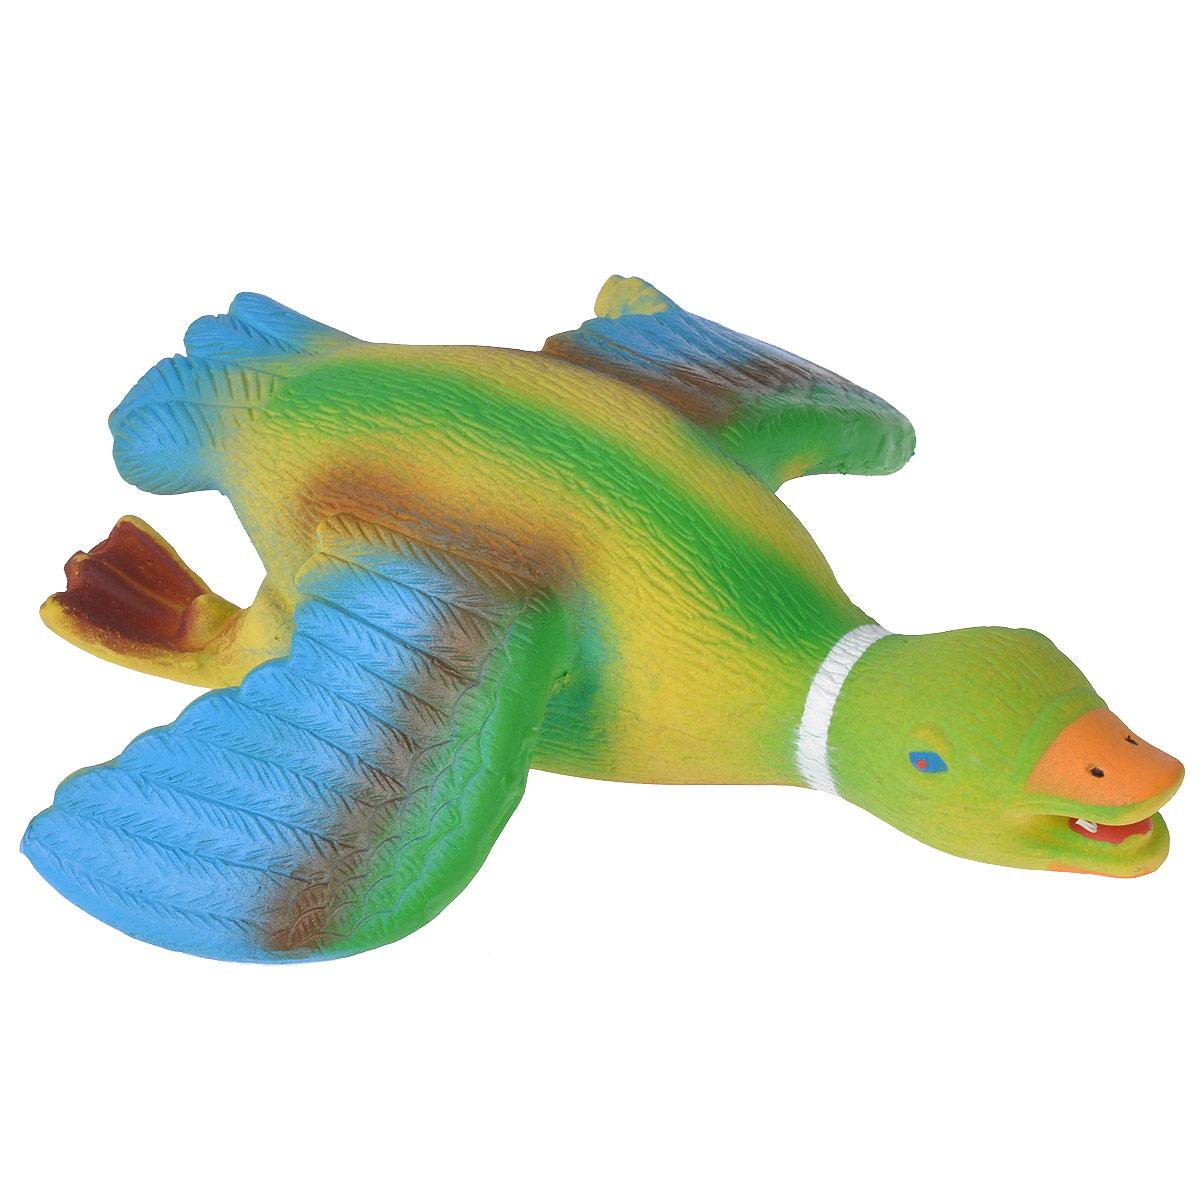 Игрушка для собак I.P.T.S. Утка с крыльями620800Игрушка для собак I.P.T.S. Утка с крыльями изготовлена из яркого цветного латекса в виде летящей утки. Предназначена для игр с собаками разных возрастов. Такая игрушка привлечет внимание вашего любимца и не оставит его равнодушным. Длина: 20,5 см.